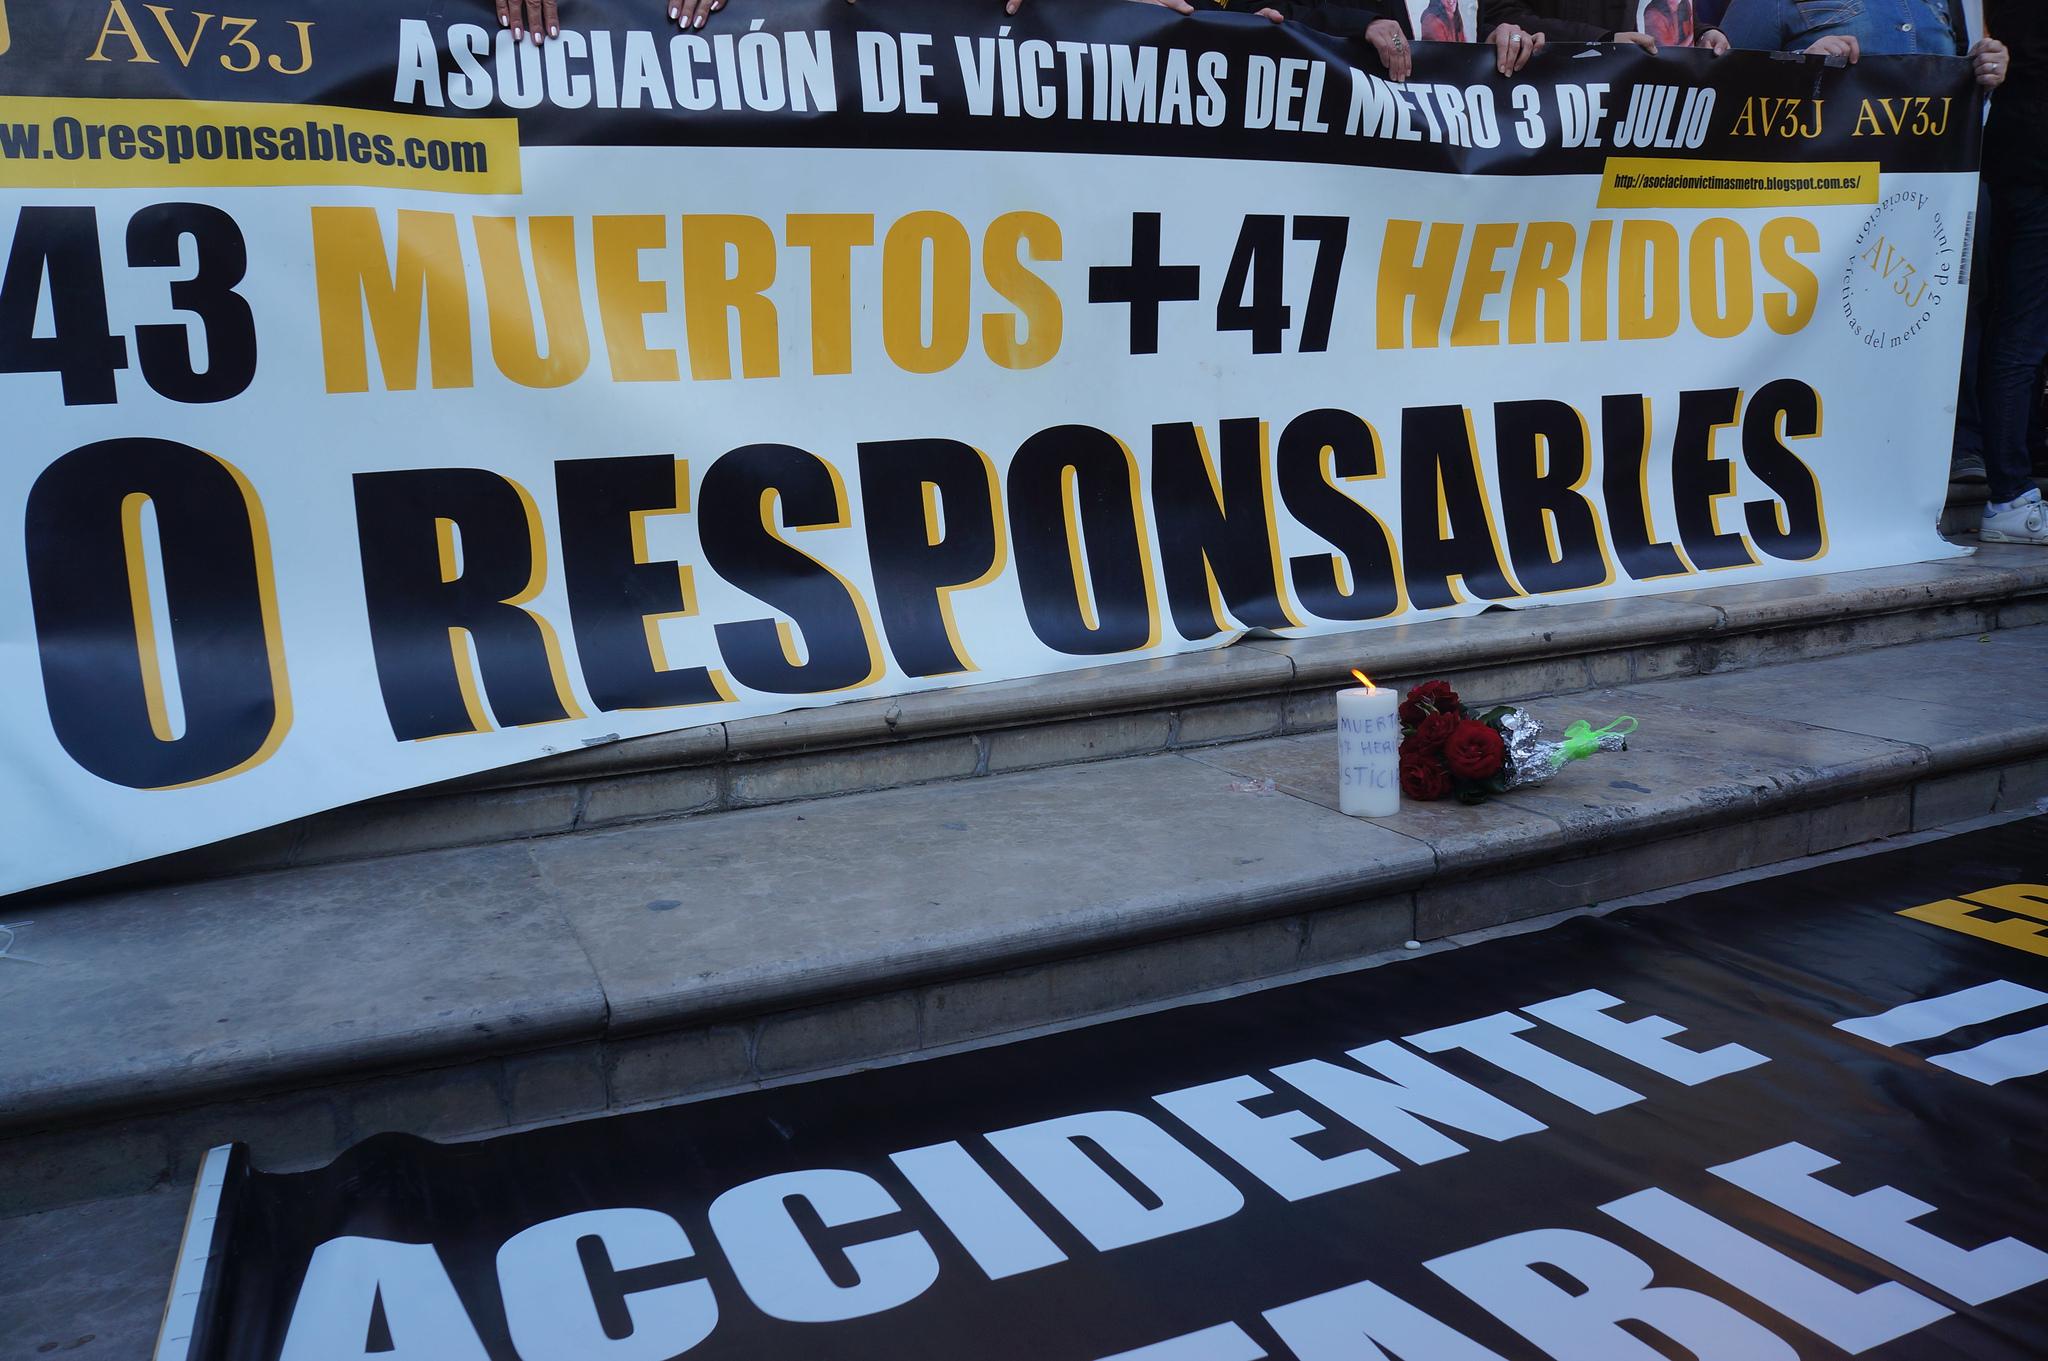 31-peritos-judiciales-accidente-metro-valencia